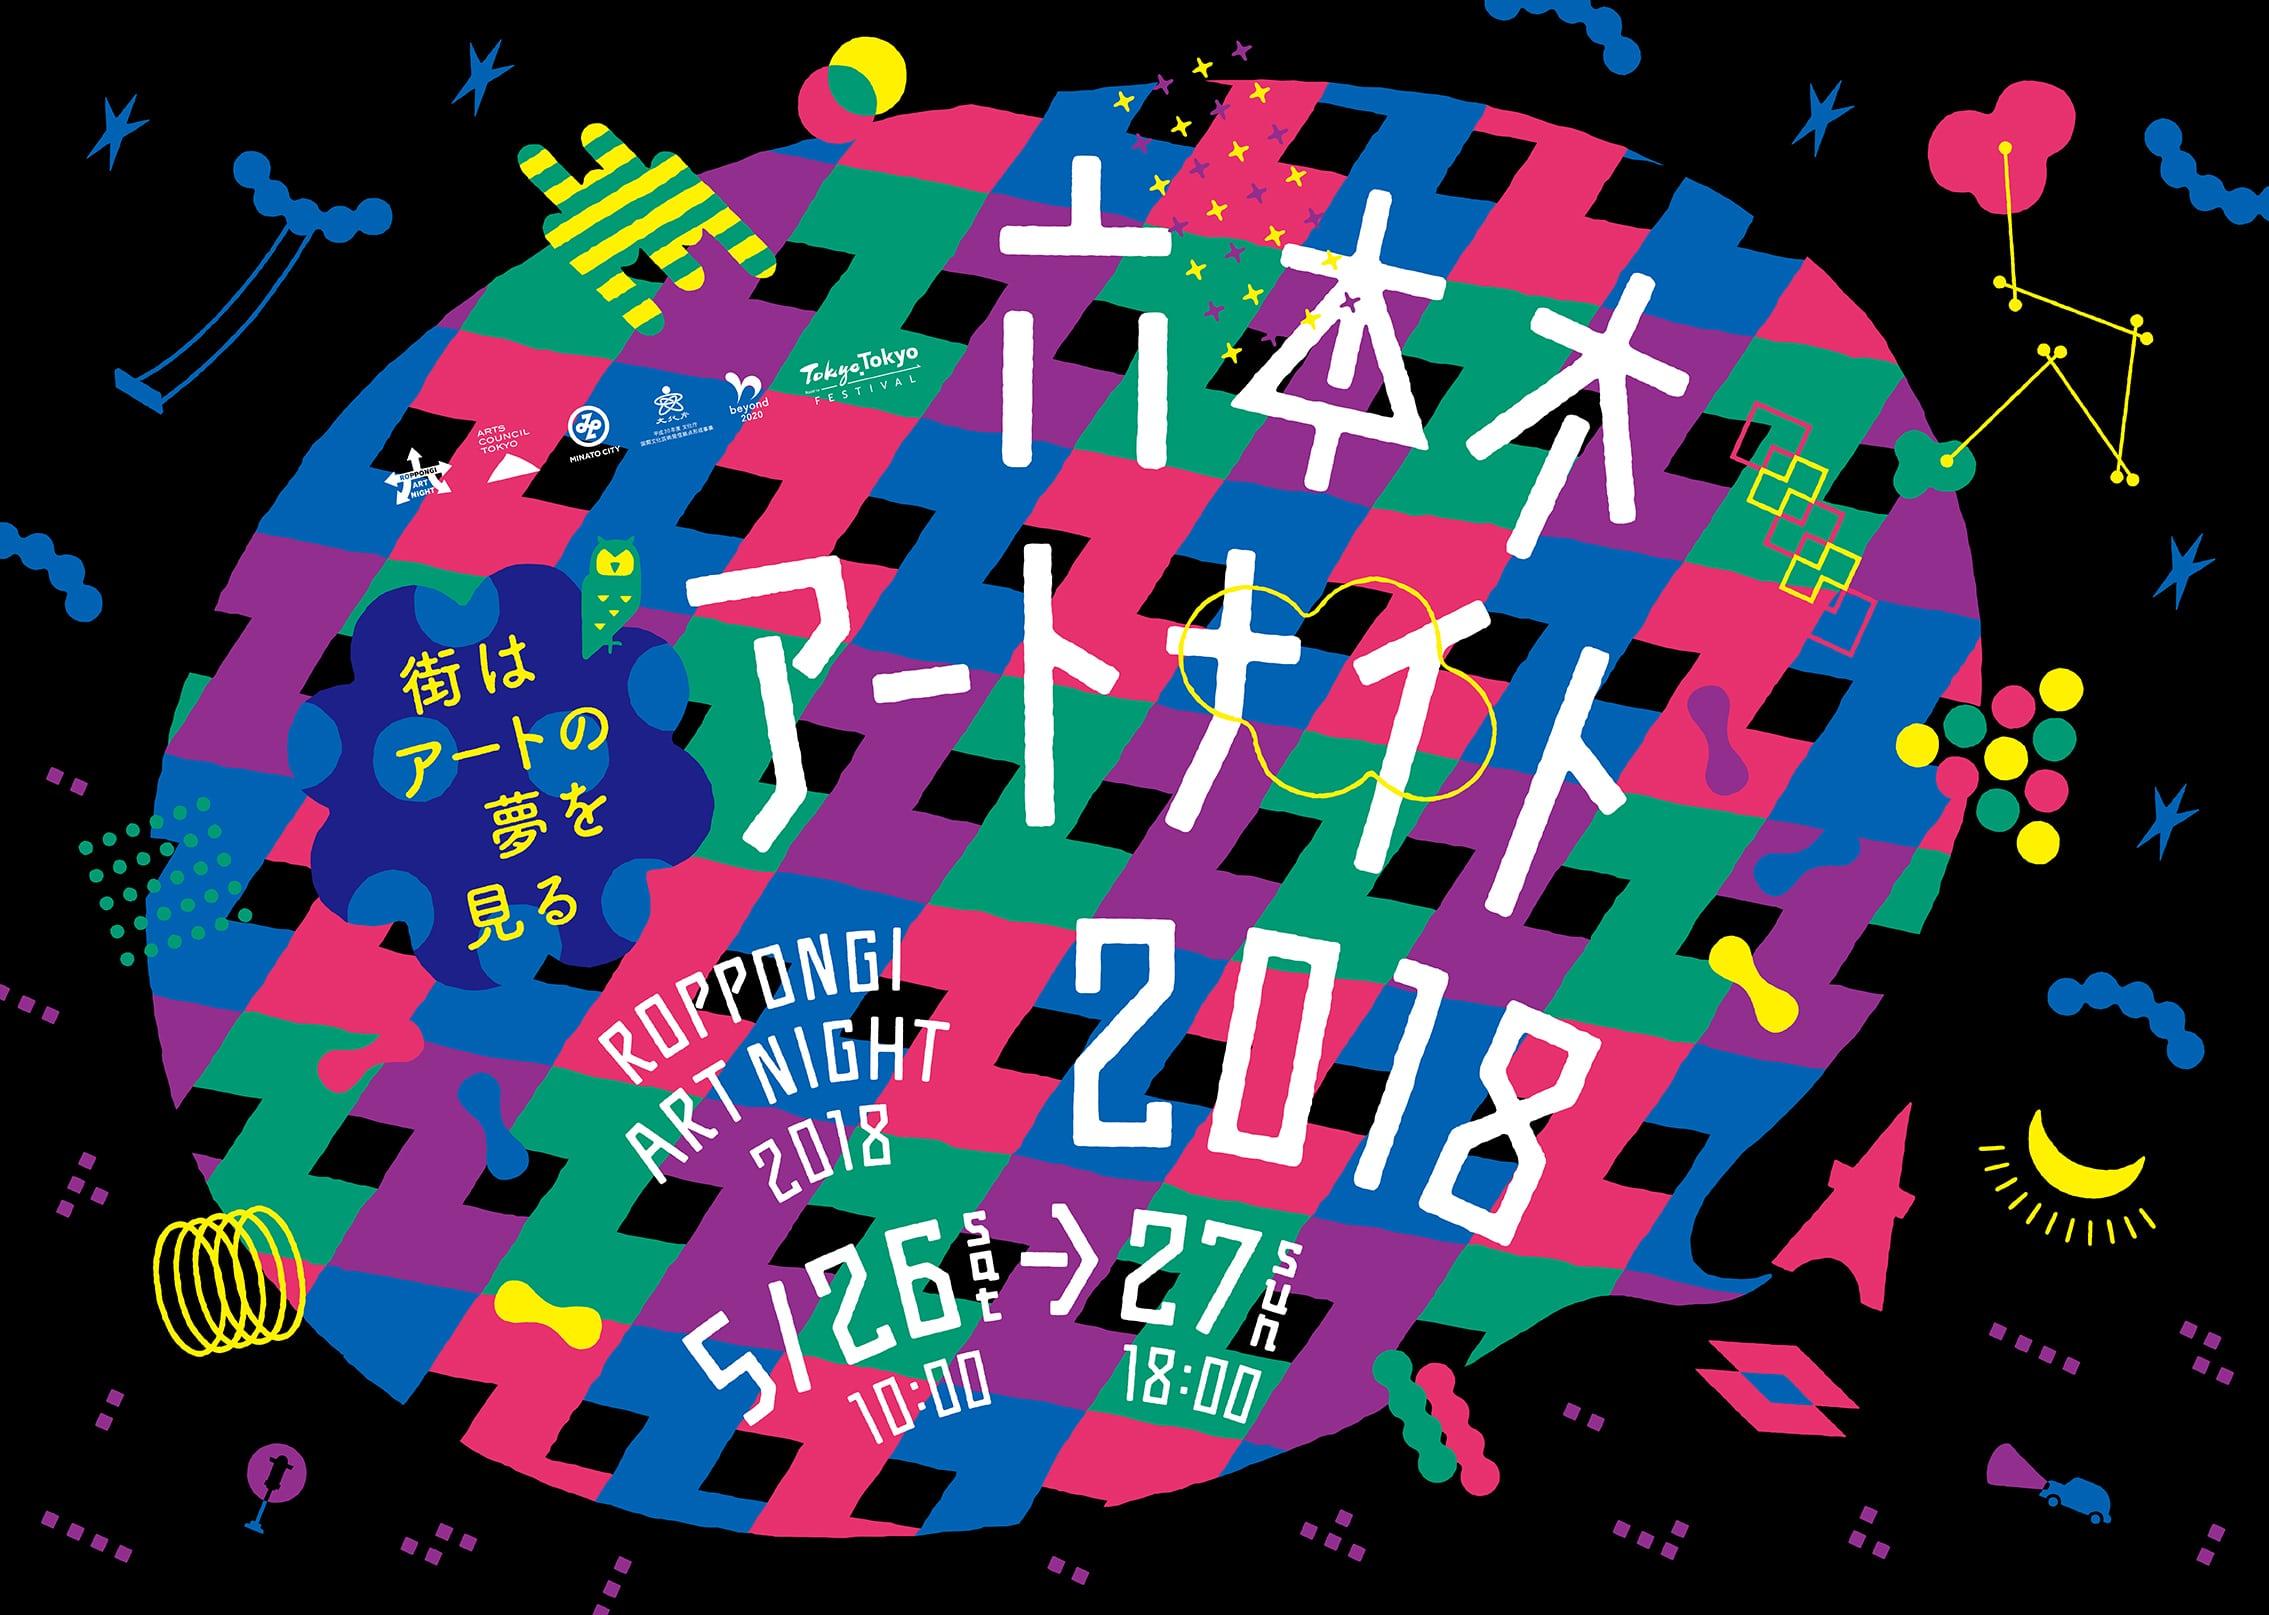 今年で9回目となる東京を代表するアートの祭典「六本木アートナイト 2018」夜通しでアートを愛でる5